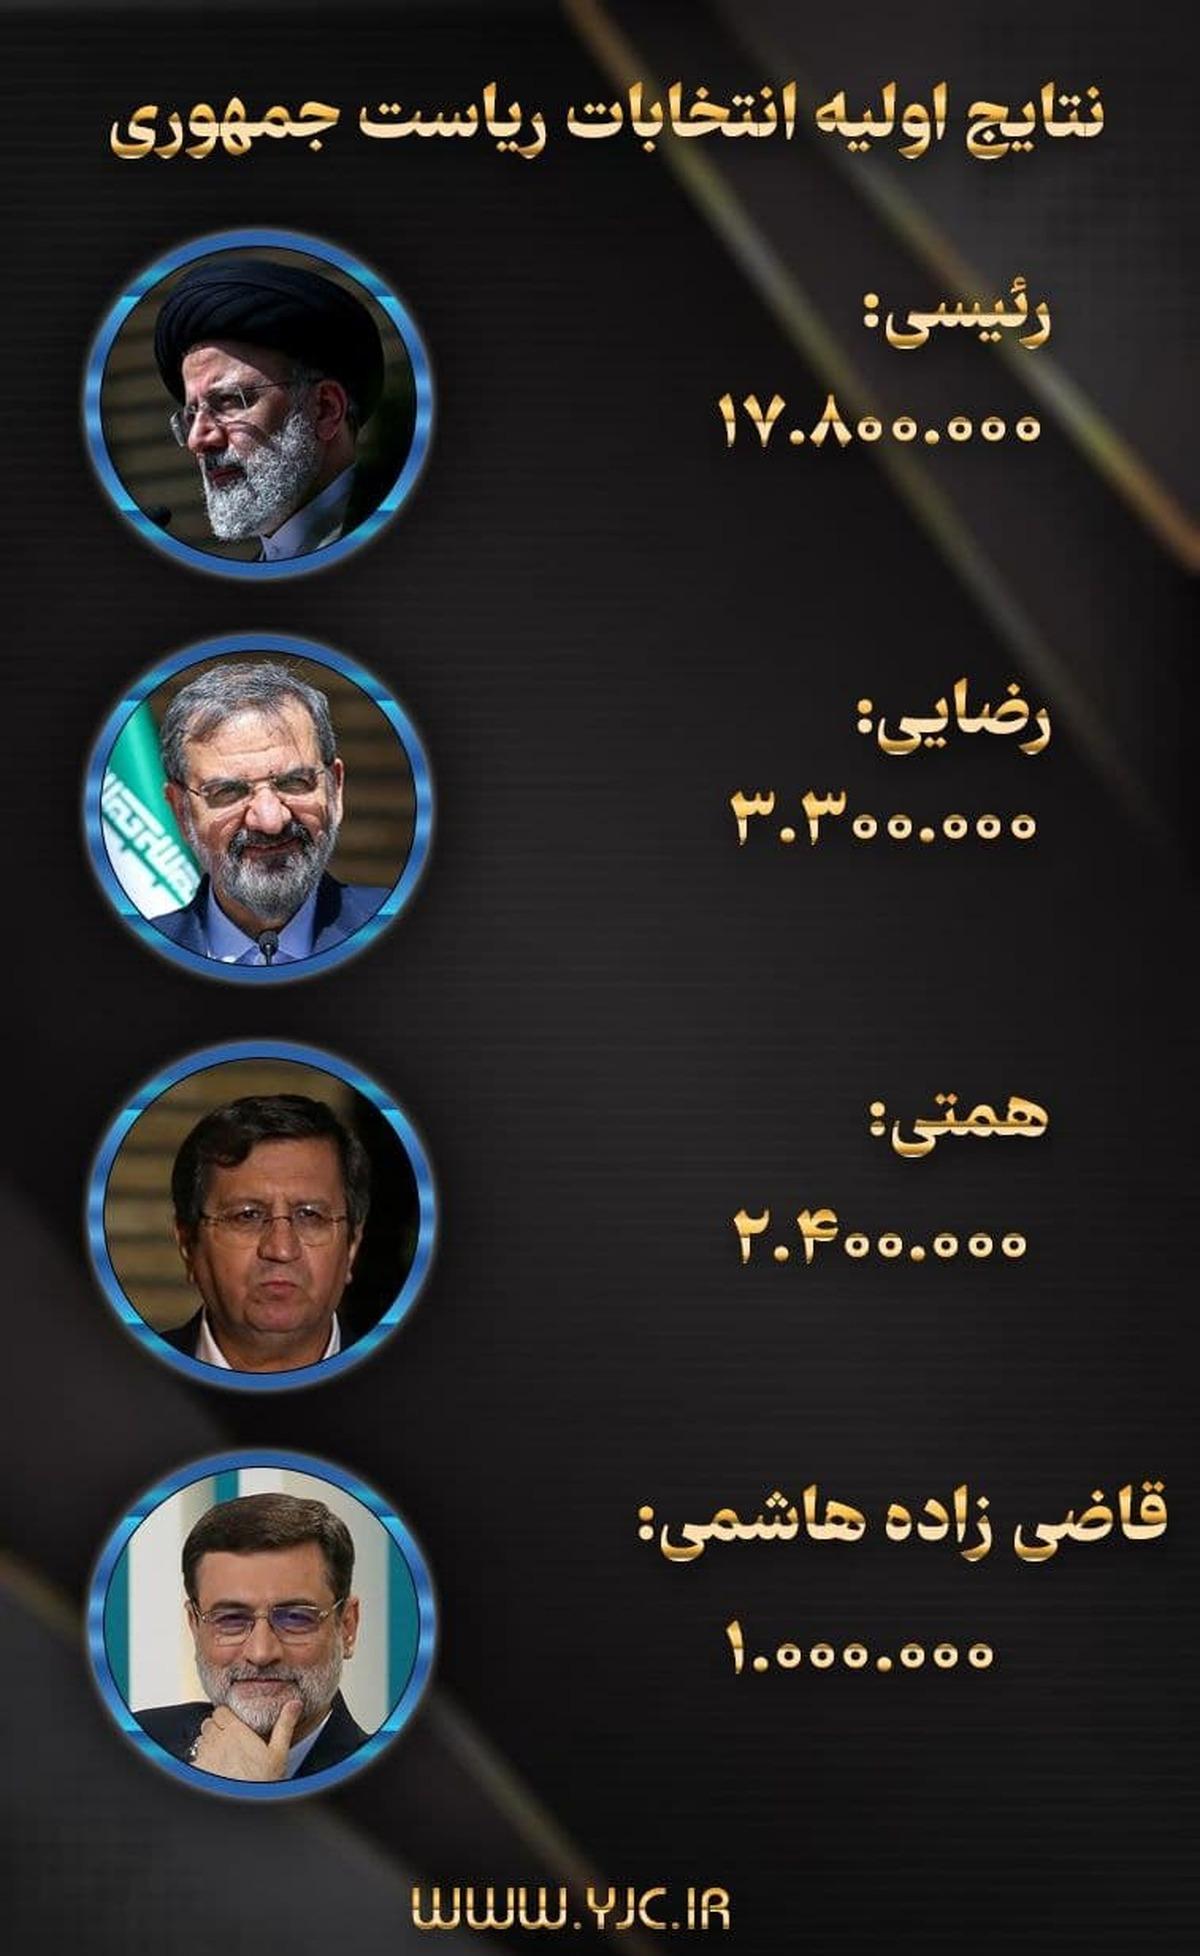 آمار اولیه شمارش آراء انتخابات ریاست جمهوری | پیشتازی رئیسی